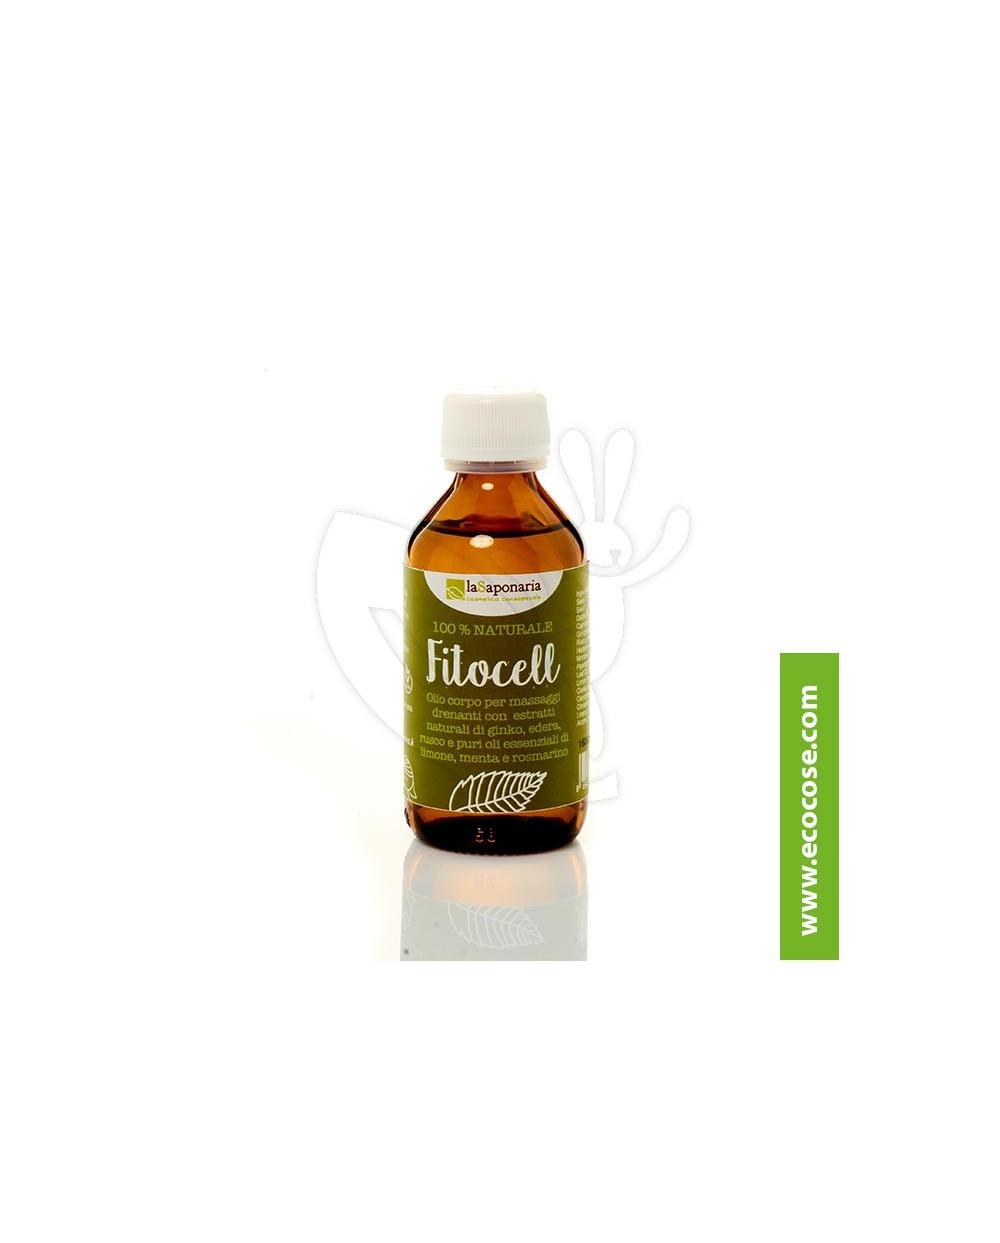 La Saponaria - Fitocell - Olio anticellulite*